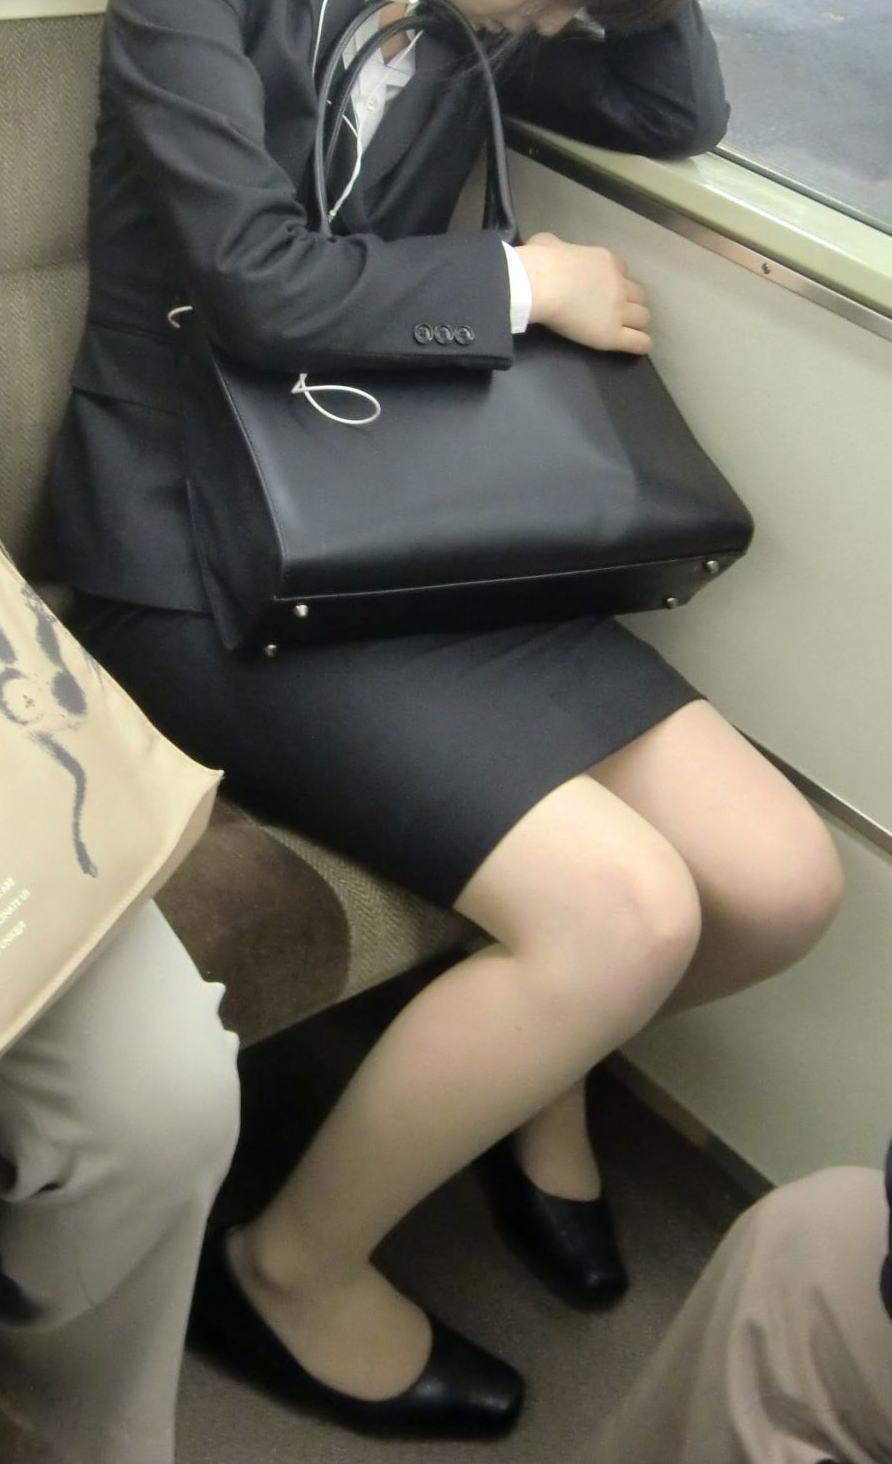 電車内対面の美脚タイトから盗撮された三角OL画像16枚目